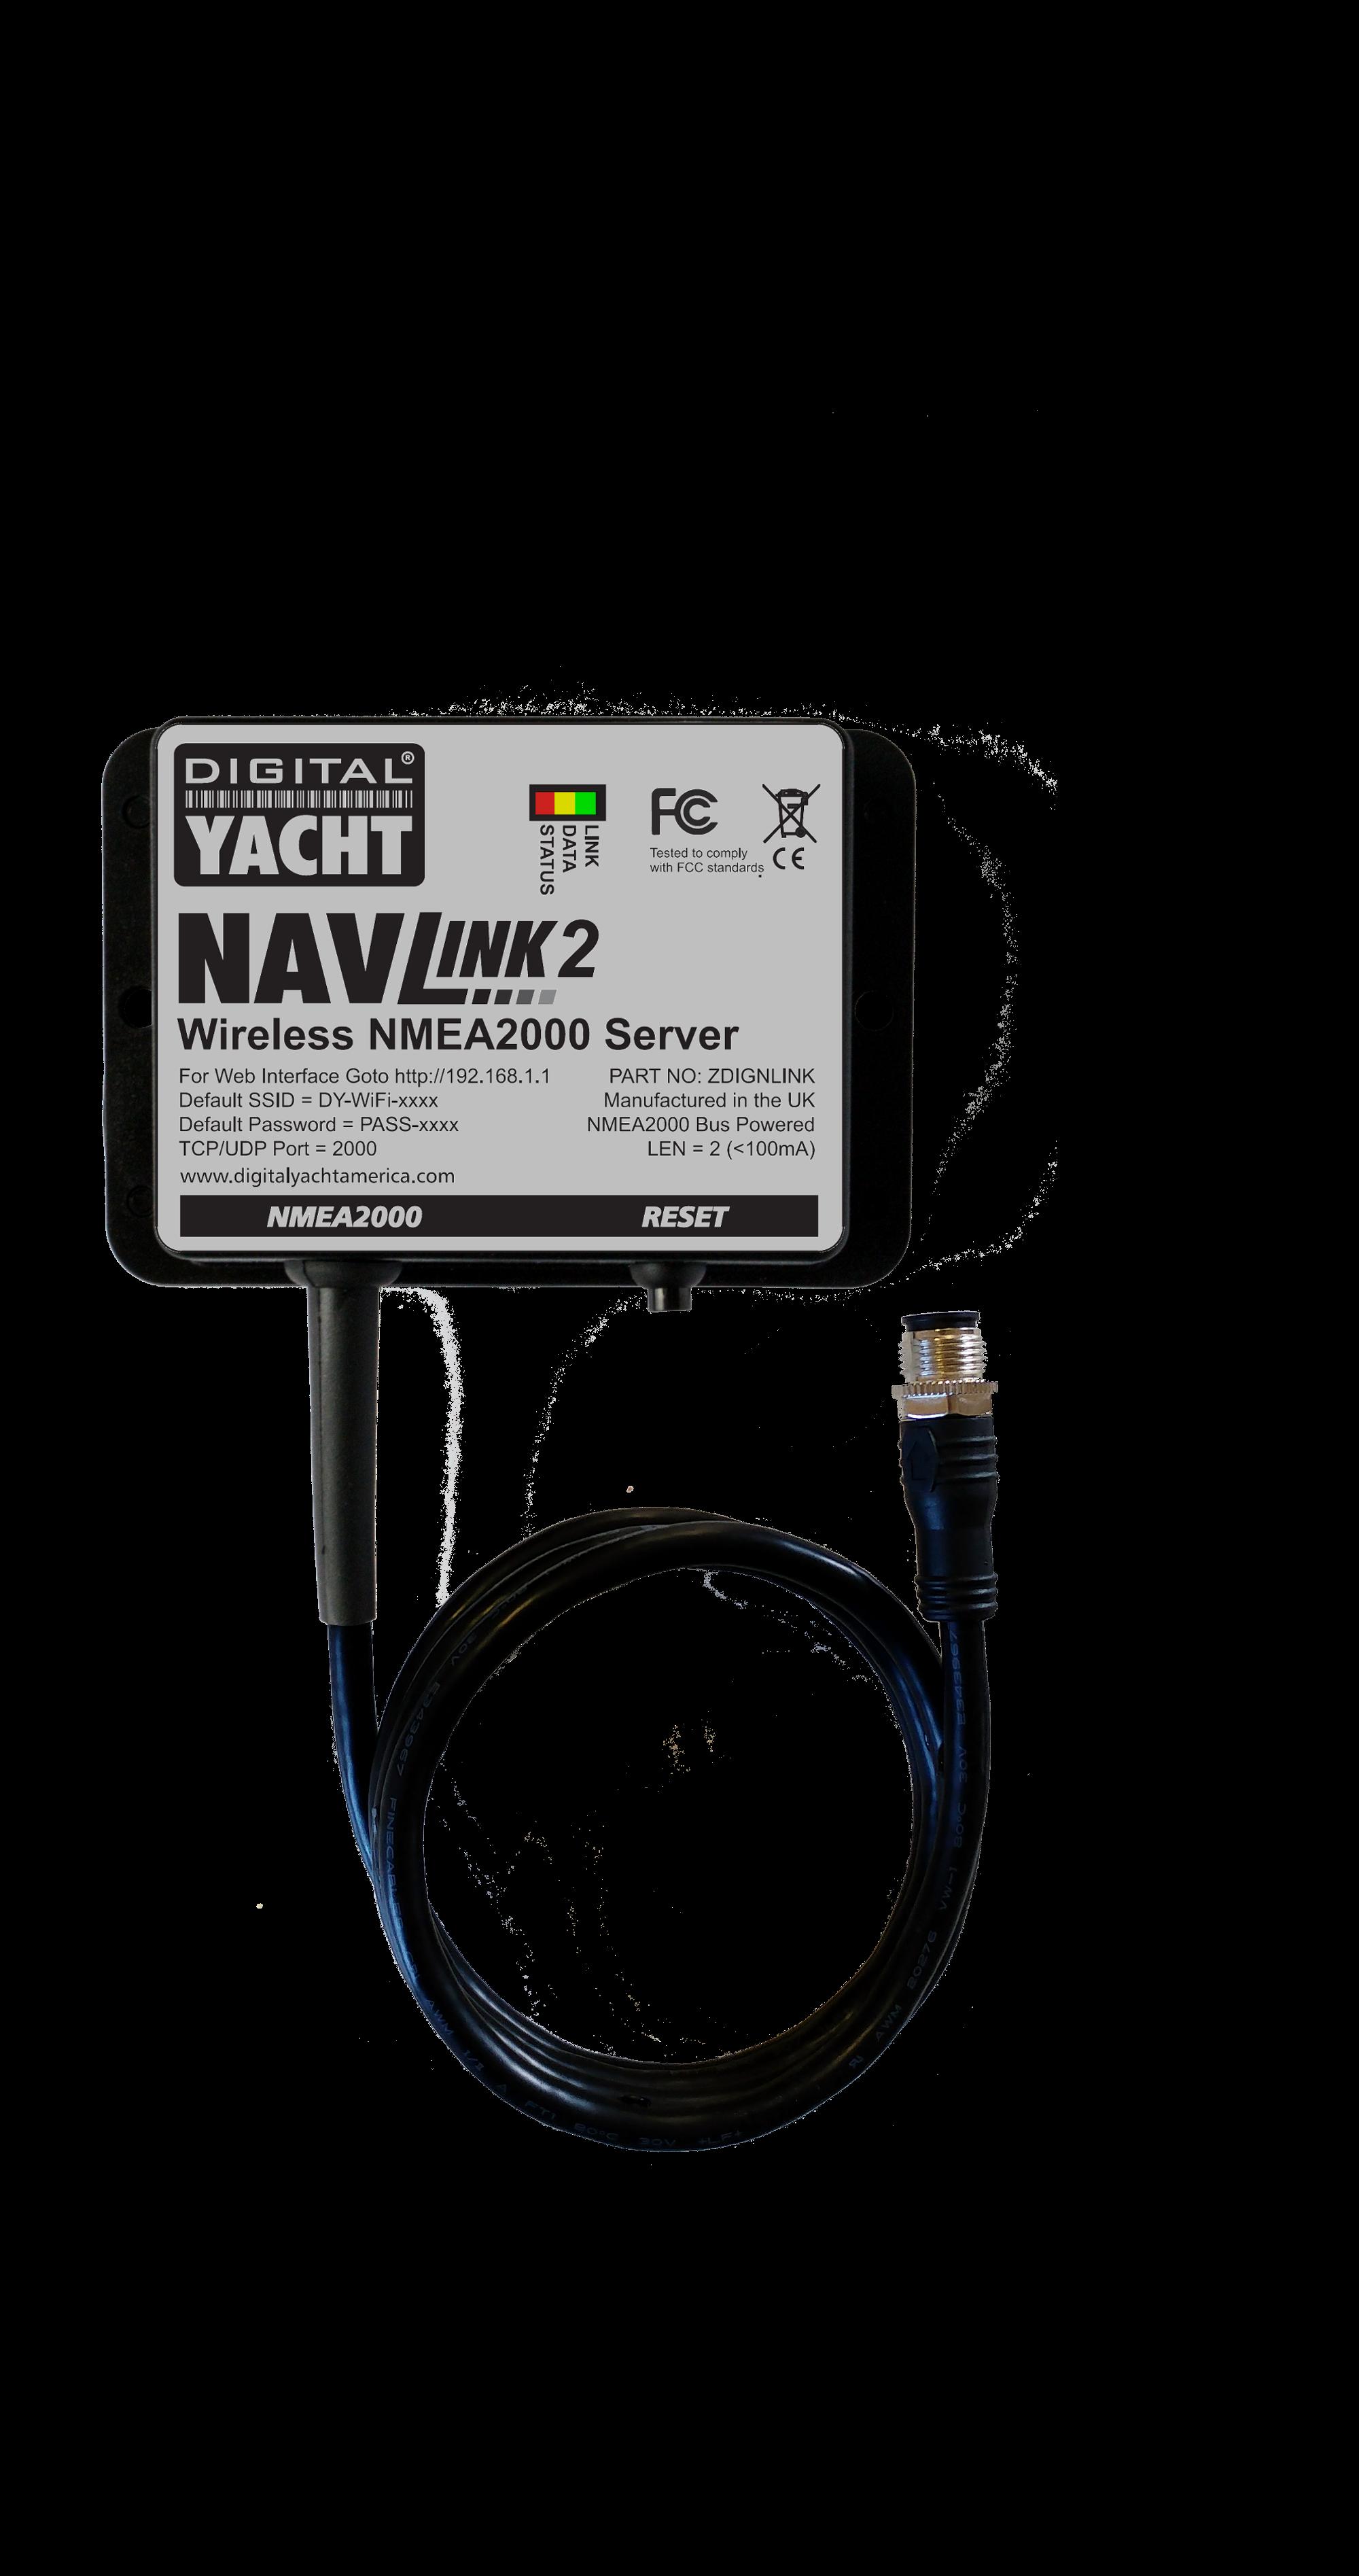 NavLink2